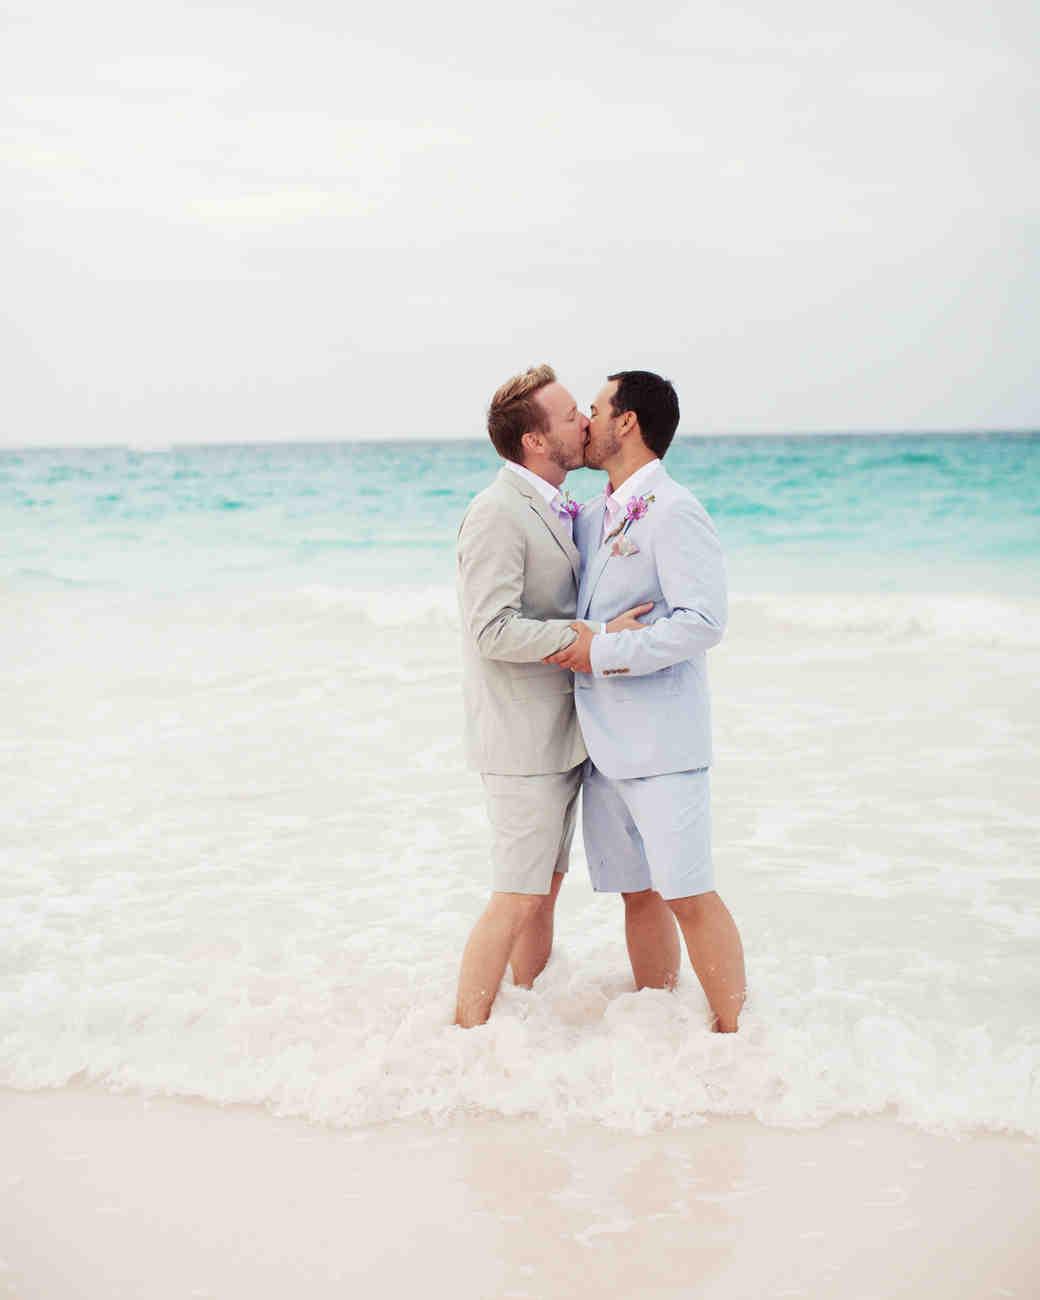 real-weddings-kevin-jamie-05292012wd-jk1736.jpg